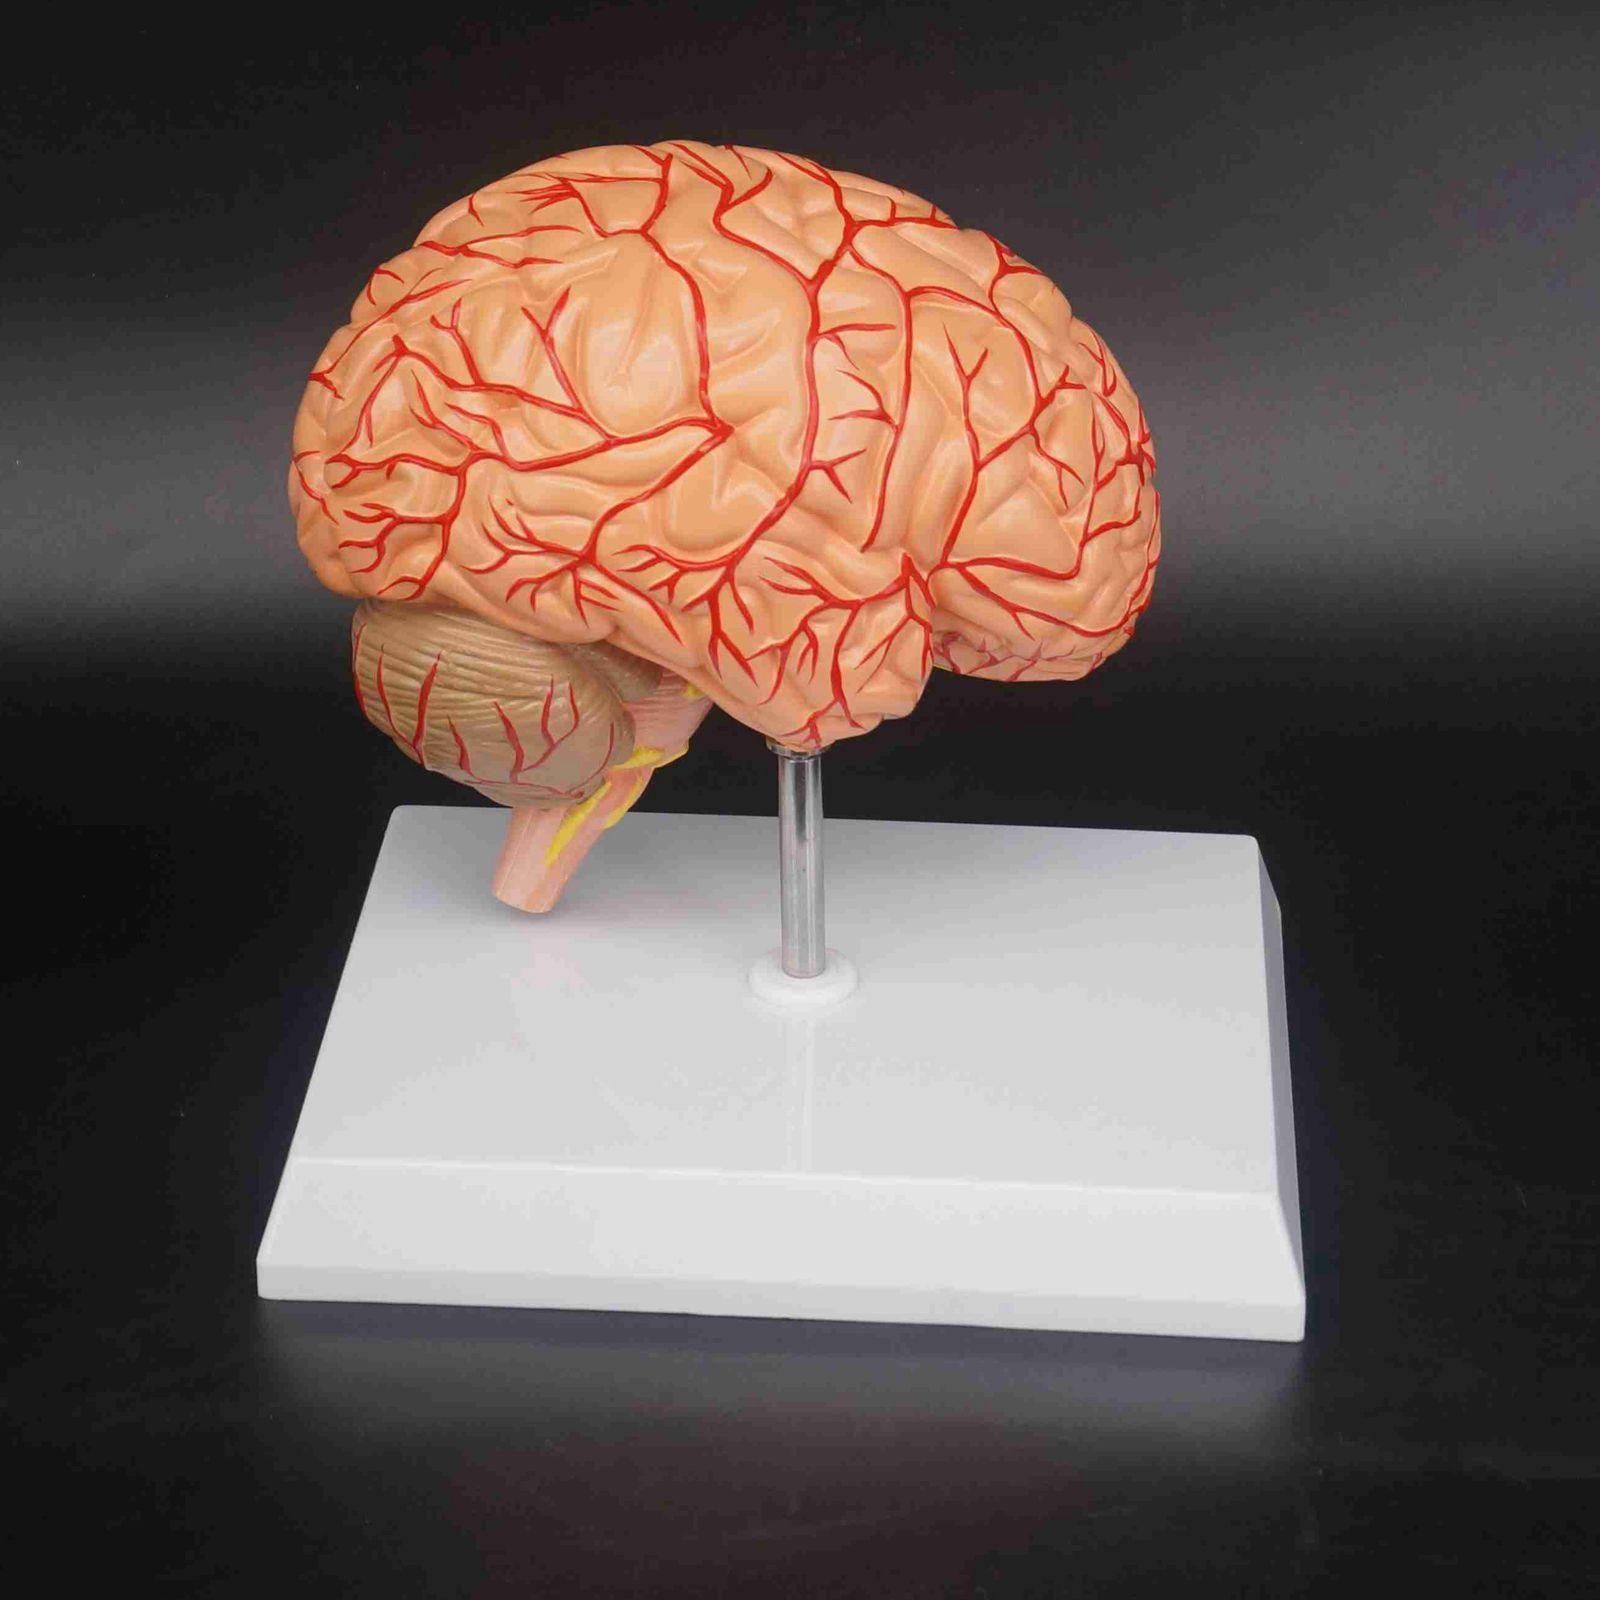 Humain droit cerveau vaisseau sanguin affichage médical modèle anatomique de luxe spécimen fournitures de Science médicale